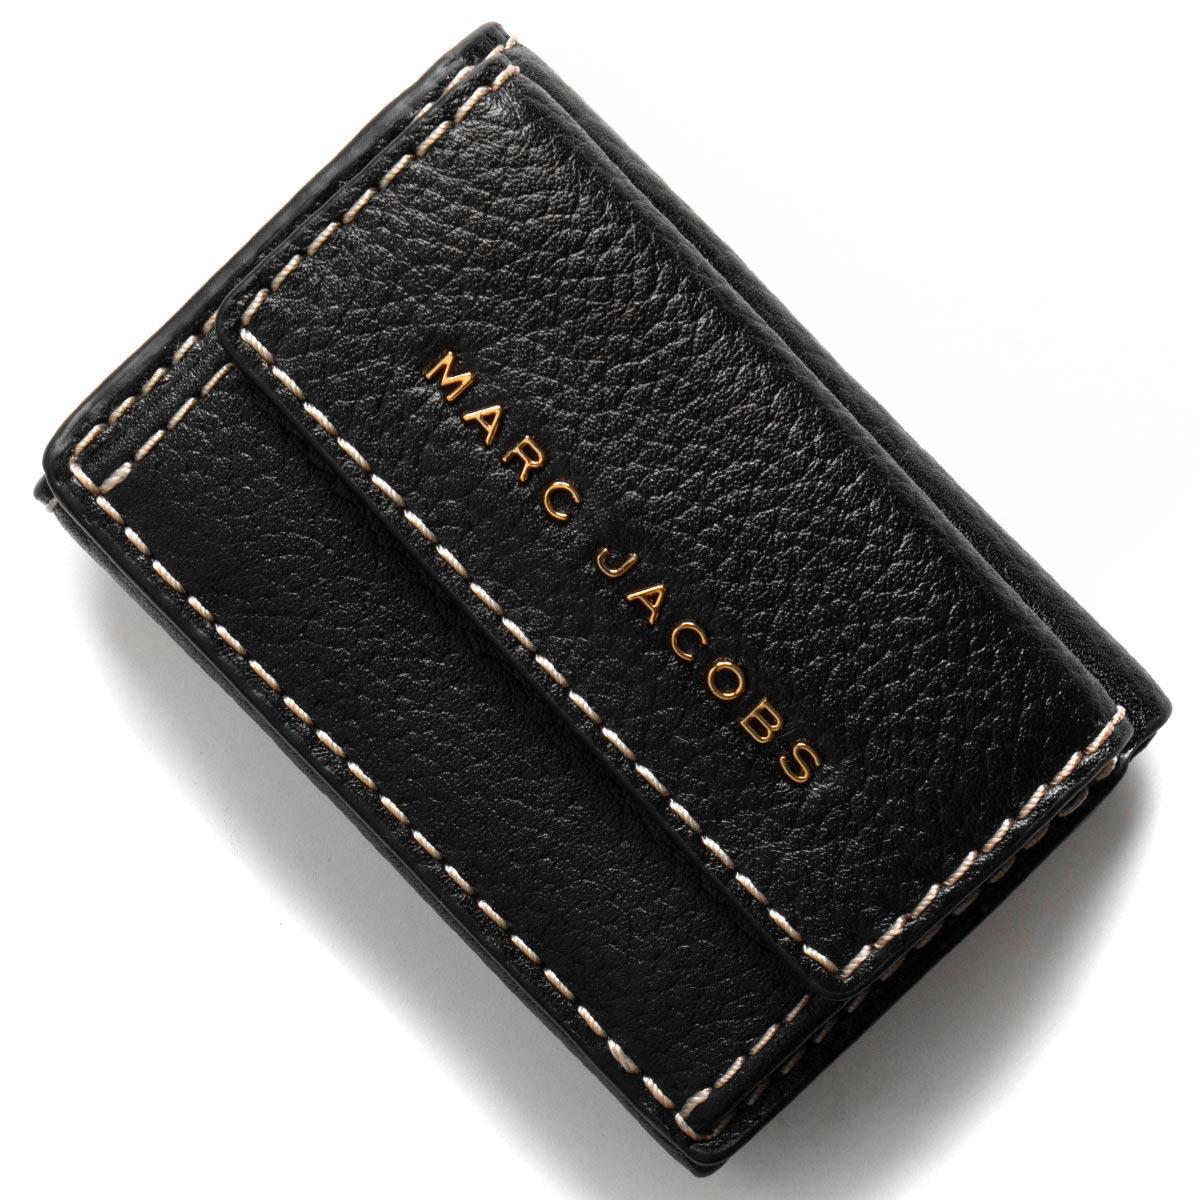 マークジェイコブス 三つ折り財布/ミニ財布 財布 レディース ザ グラインド ブラック M0014702 001 2019年春夏新作 MARC JACOBS